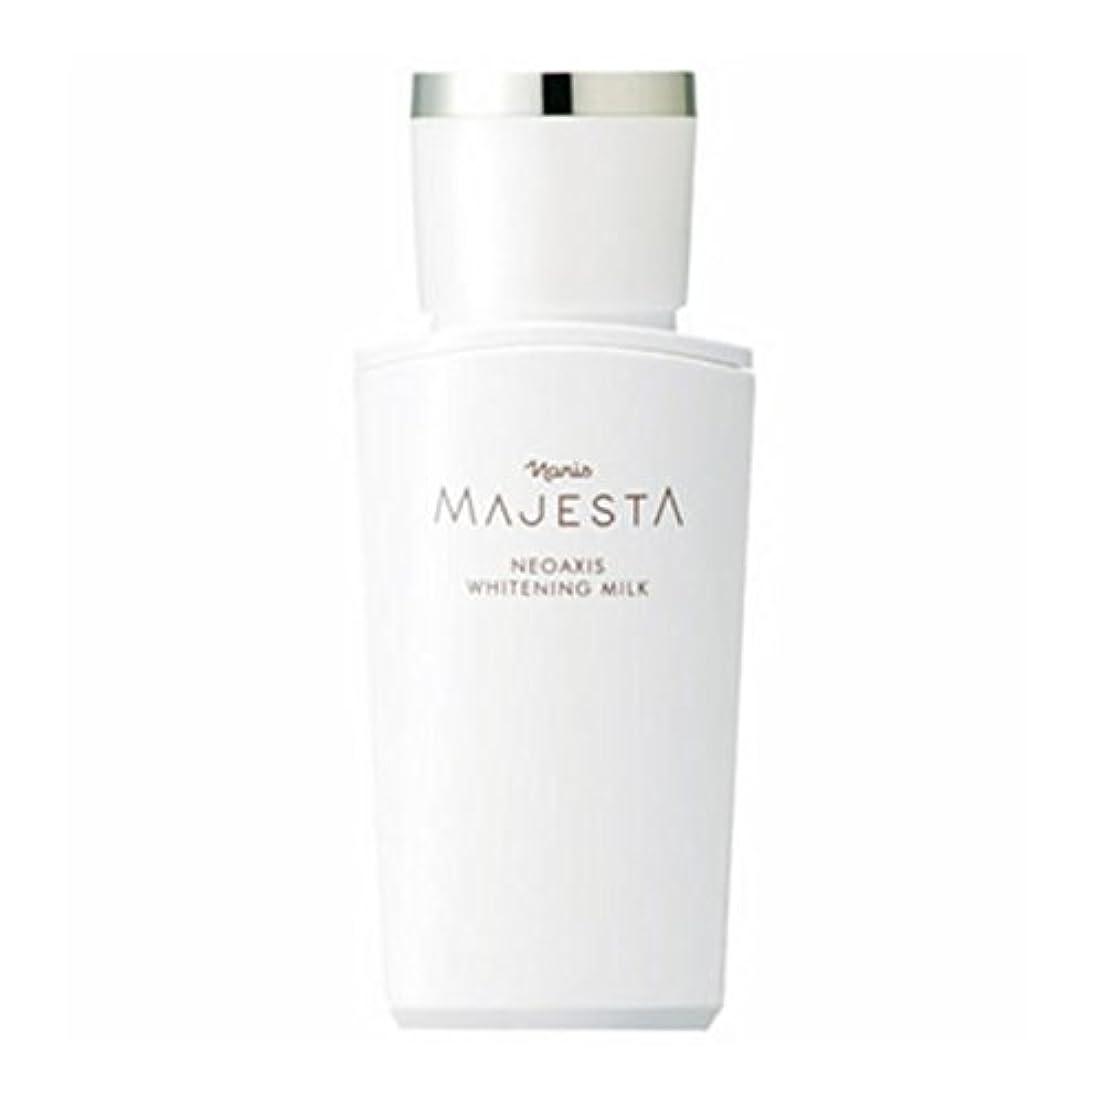 貫通マーチャンダイザーお勧めナリス化粧品 マジェスタ ネオアクシス ホワイトニング ミルク (薬用 美白乳液) 80ml